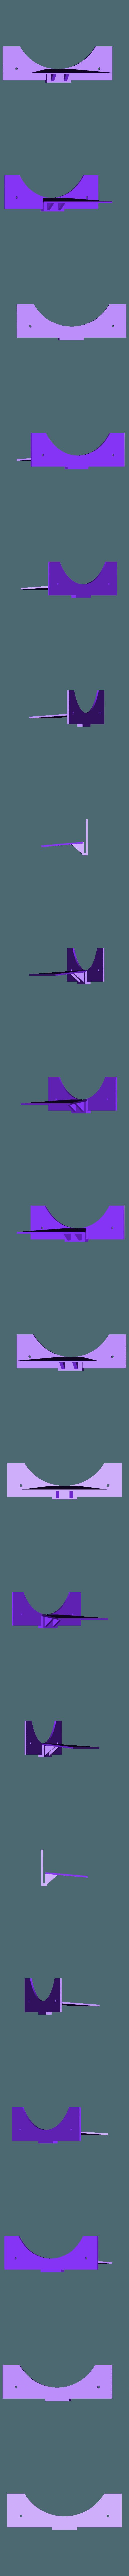 planche 2.3.stl Download free GCODE file flight board hivette round entrance • 3D printing design, skerdat